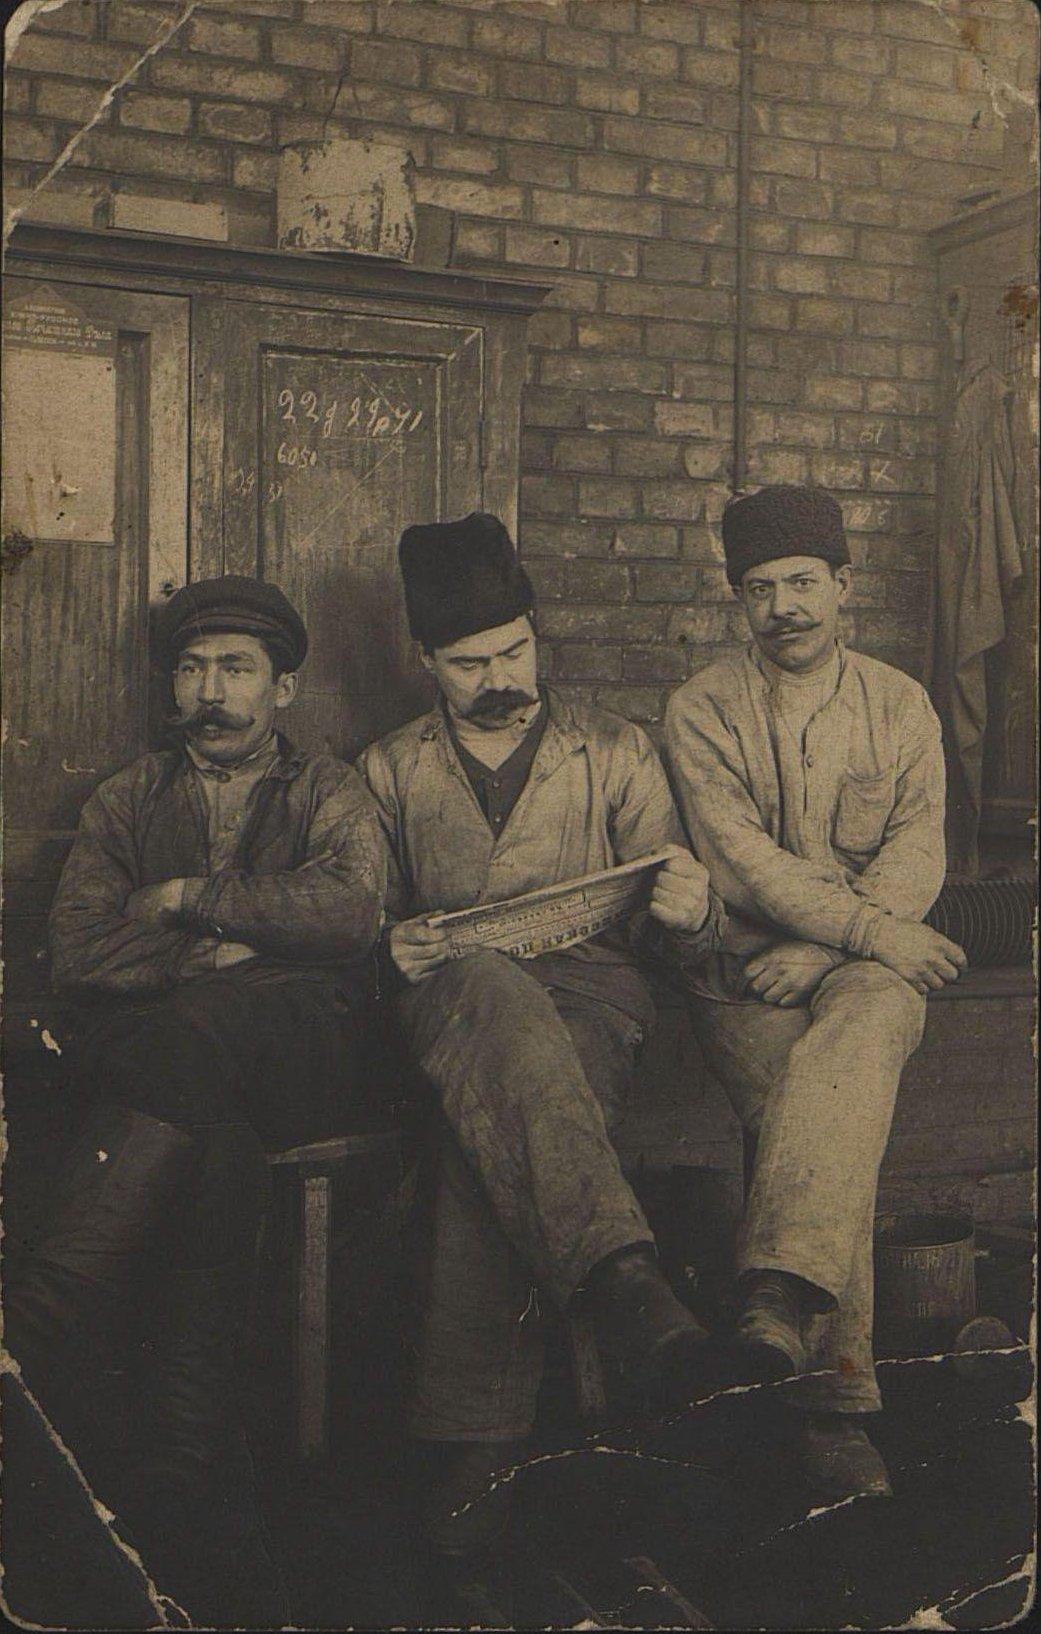 Фёдоров Михаил Иванович, казначей Союза металлистов, его товарищ Сахин и неизвестный.  1906